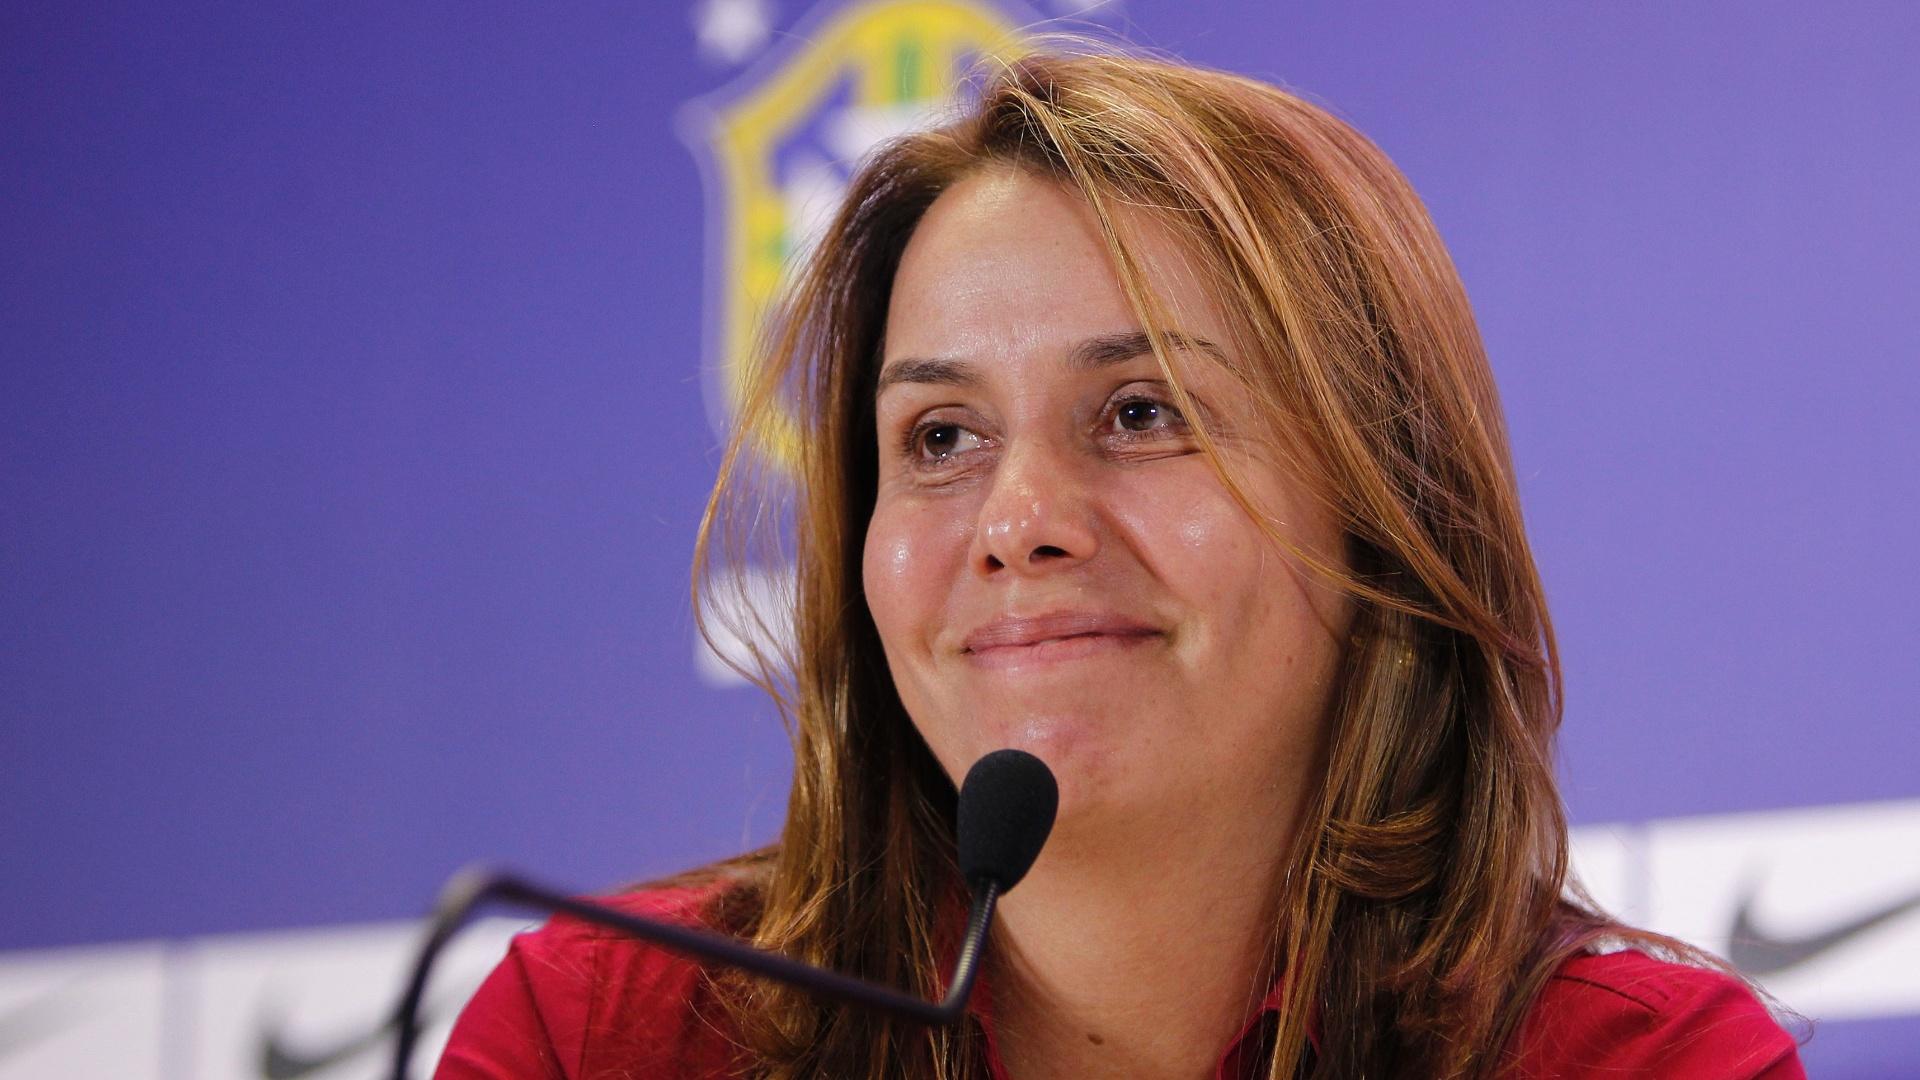 Presidente do Flamengo, Patrícia Amorim, é convidada a ser chefe da delegação da seleção feminina em Londres